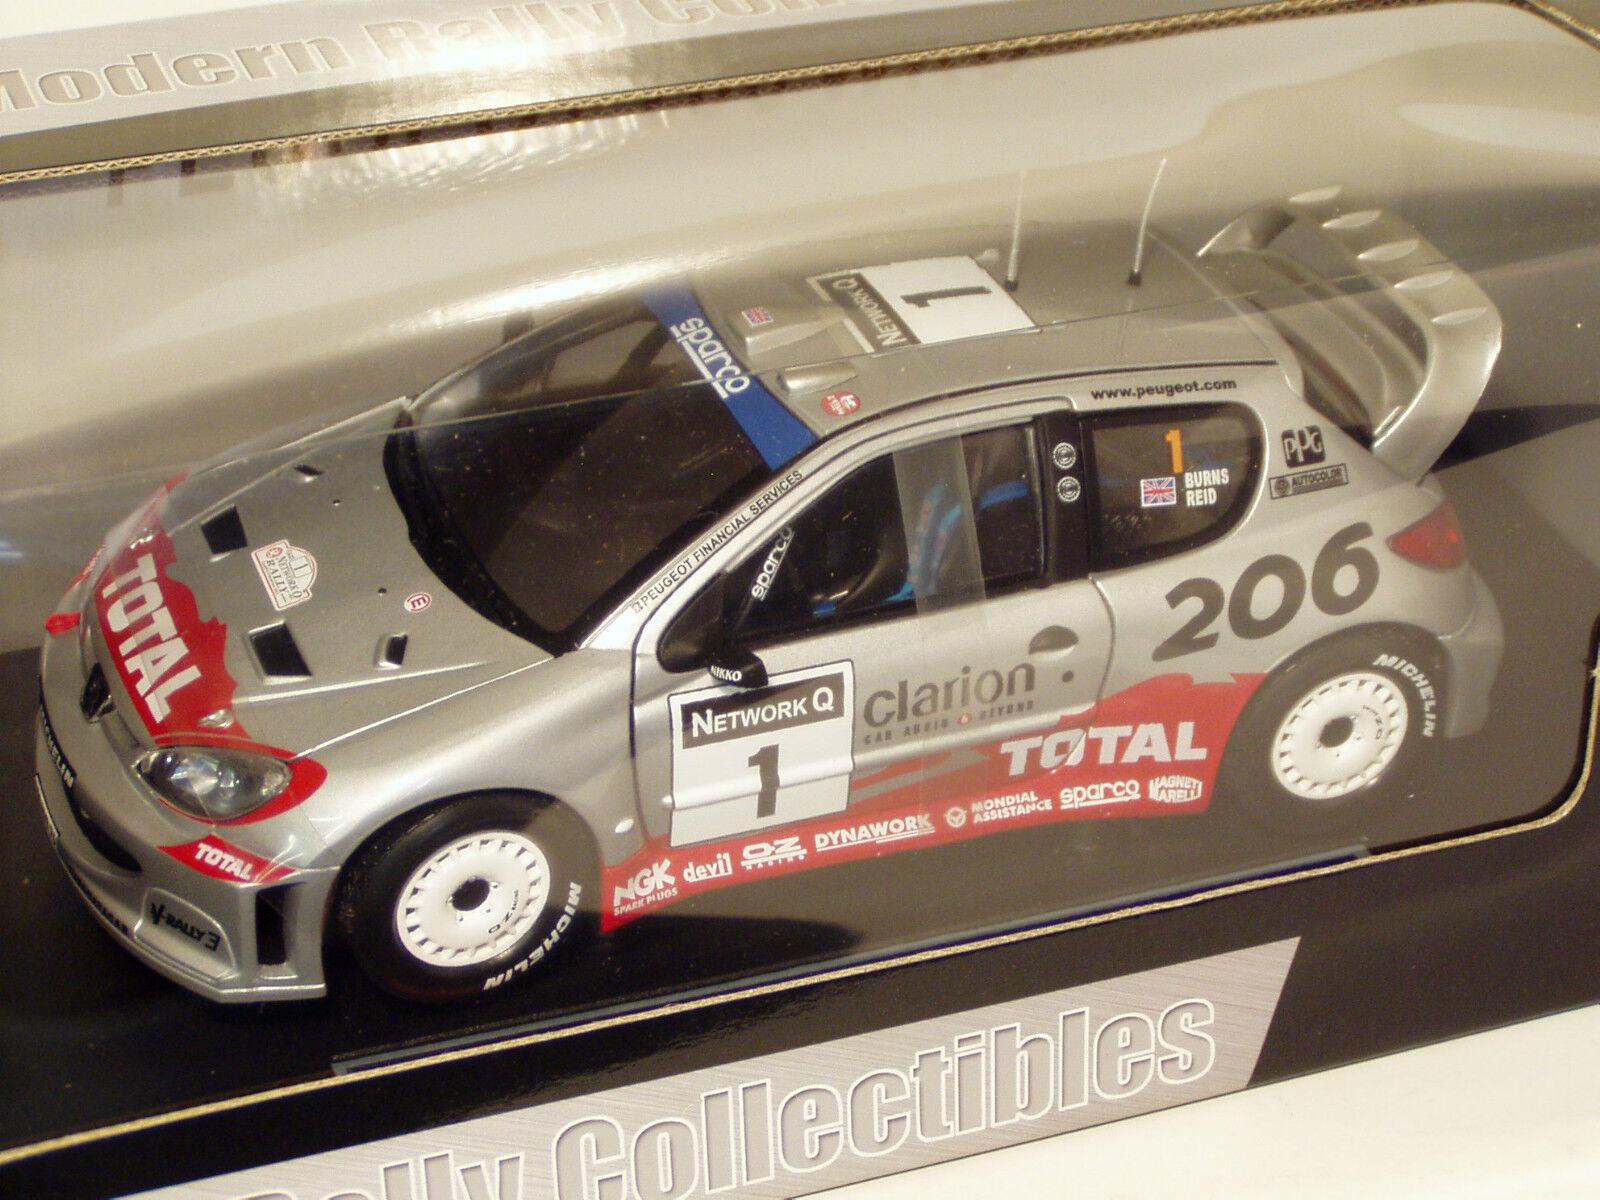 1 18 PEUGEOT 206 WRC total Network Q Rally GB 2002 Richard Burns